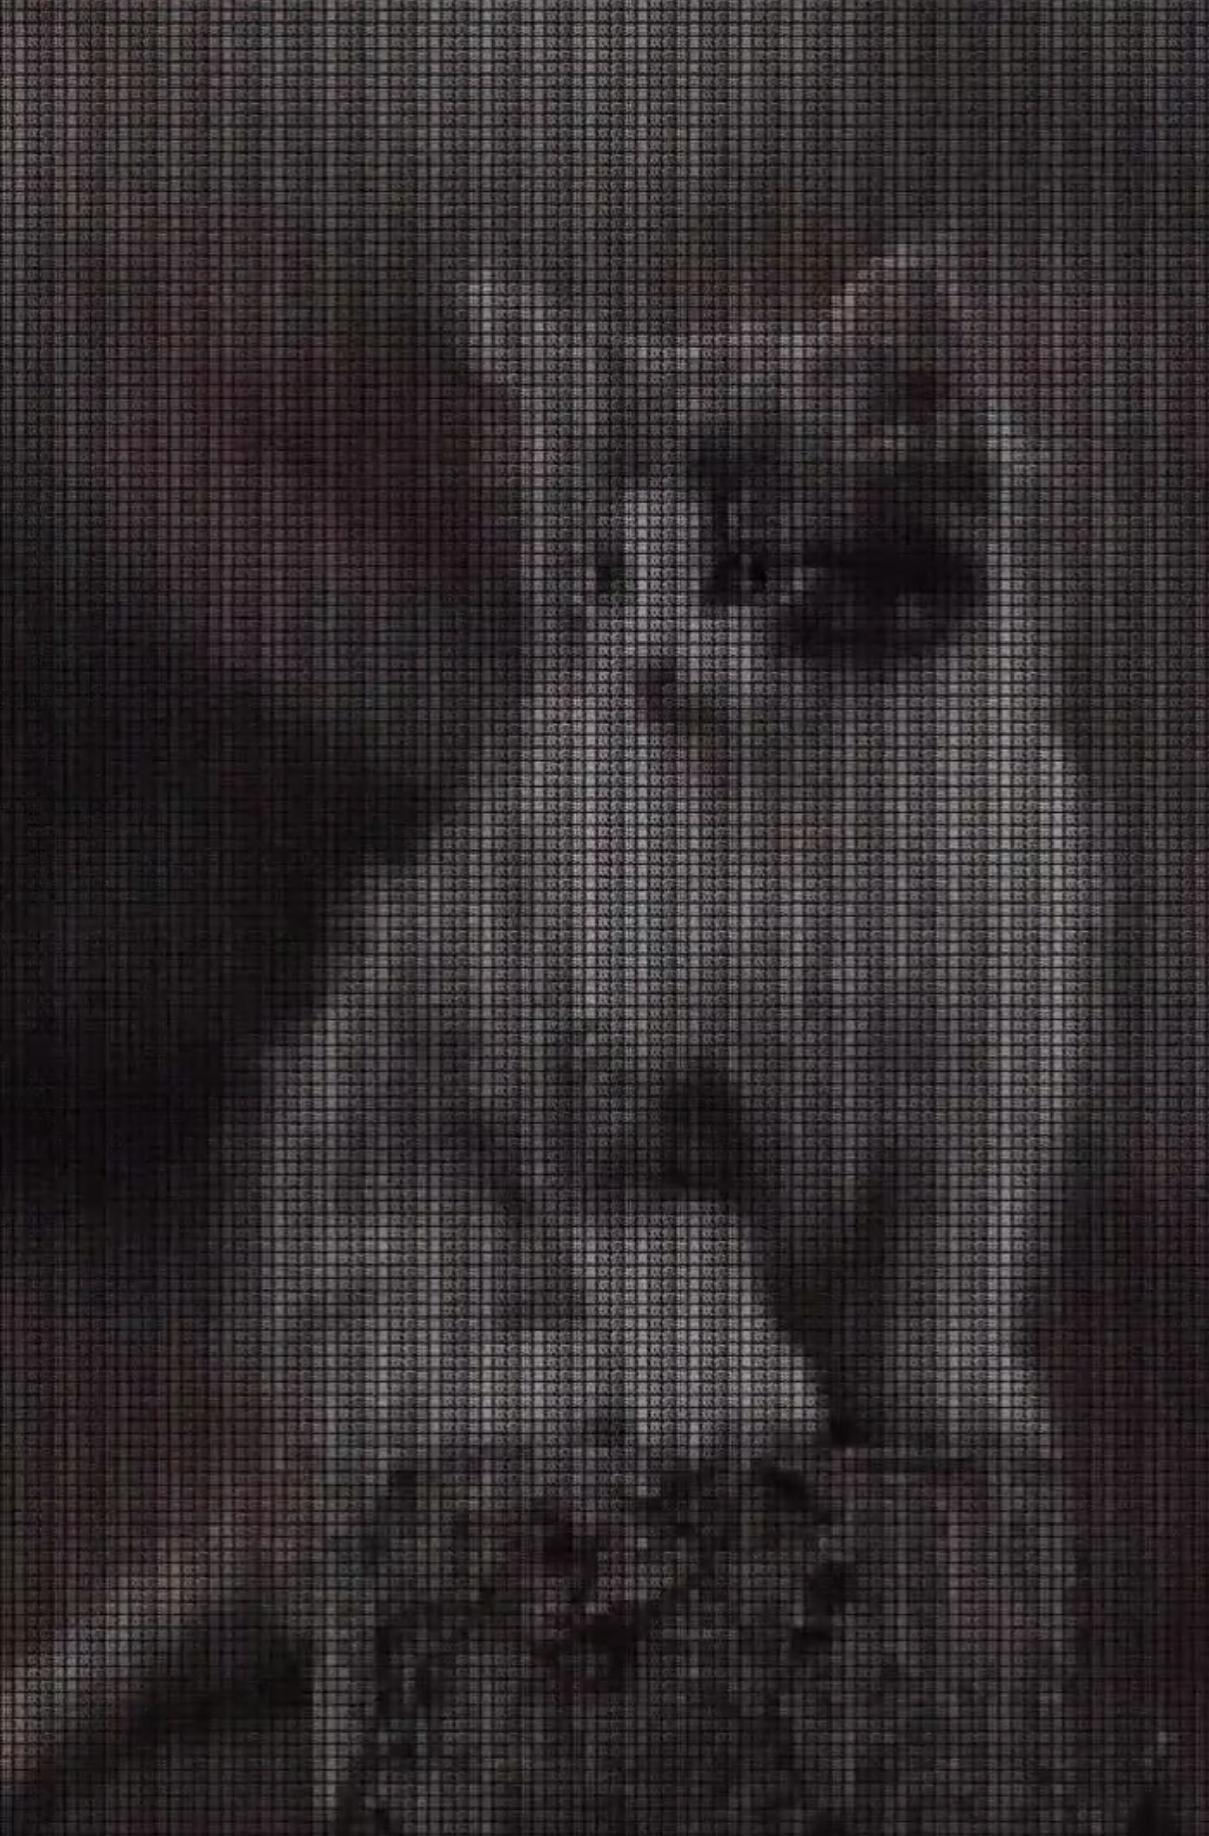 抖音我喜欢你猫咪图片分享